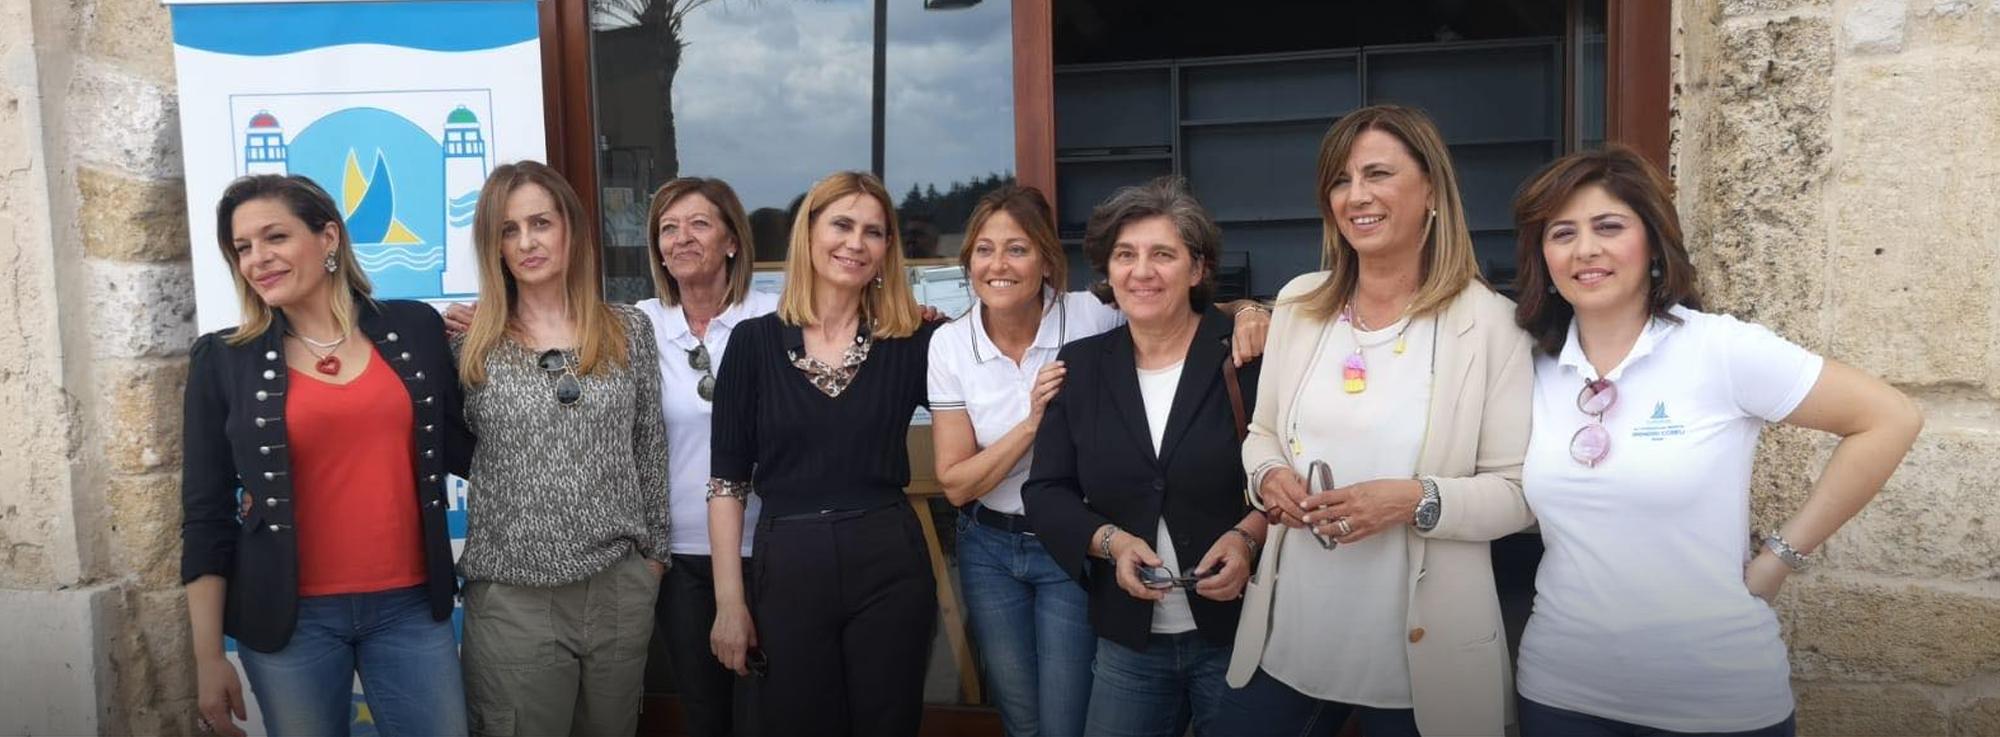 Brindisi: Donne della Vela